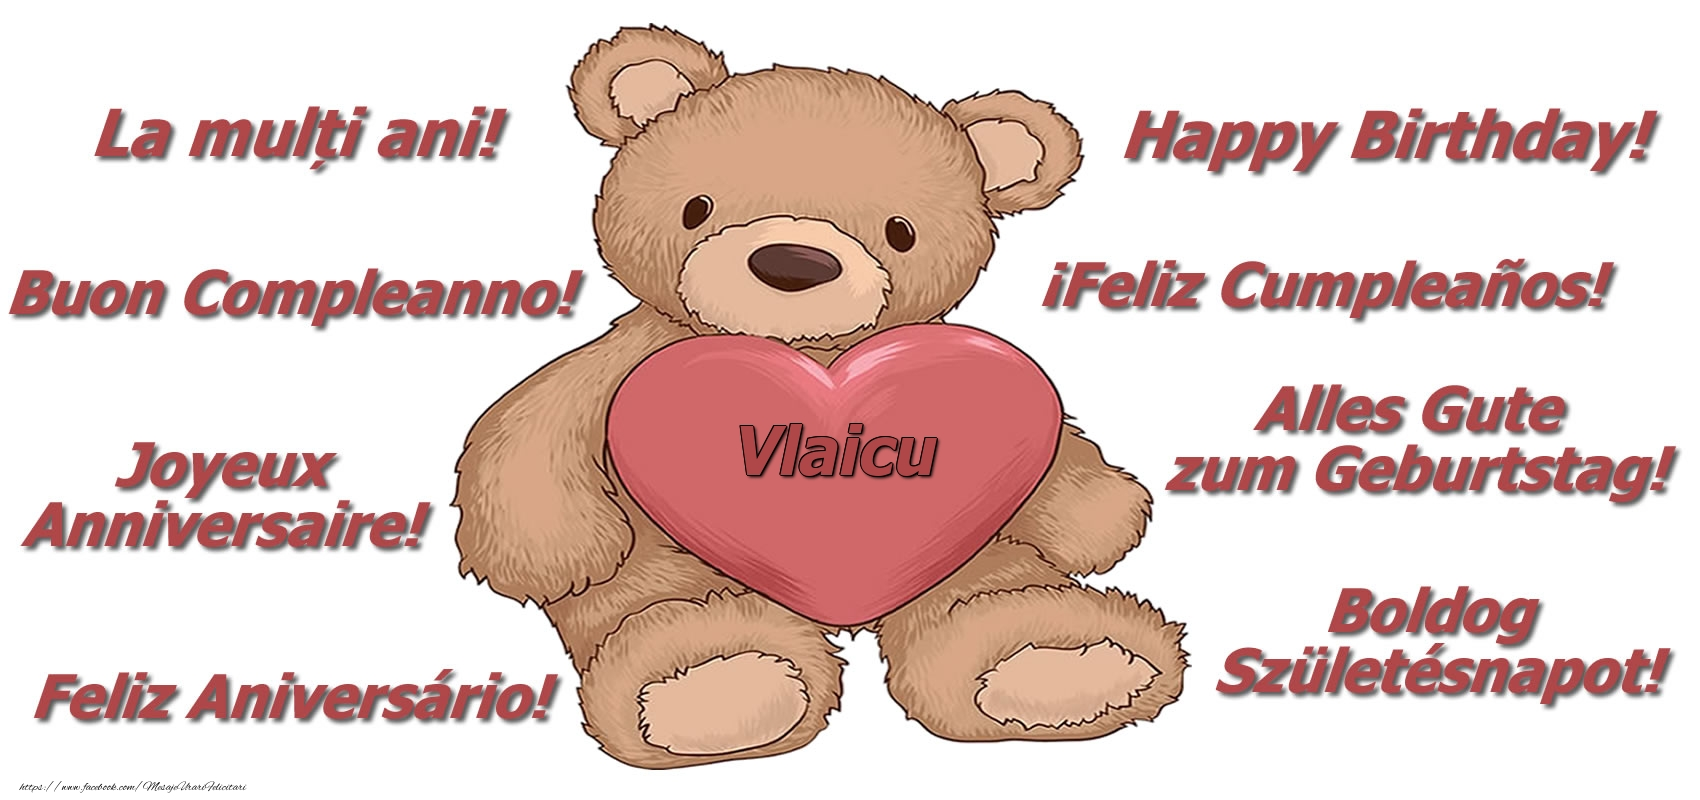 Felicitari de zi de nastere - La multi ani Vlaicu! - Ursulet